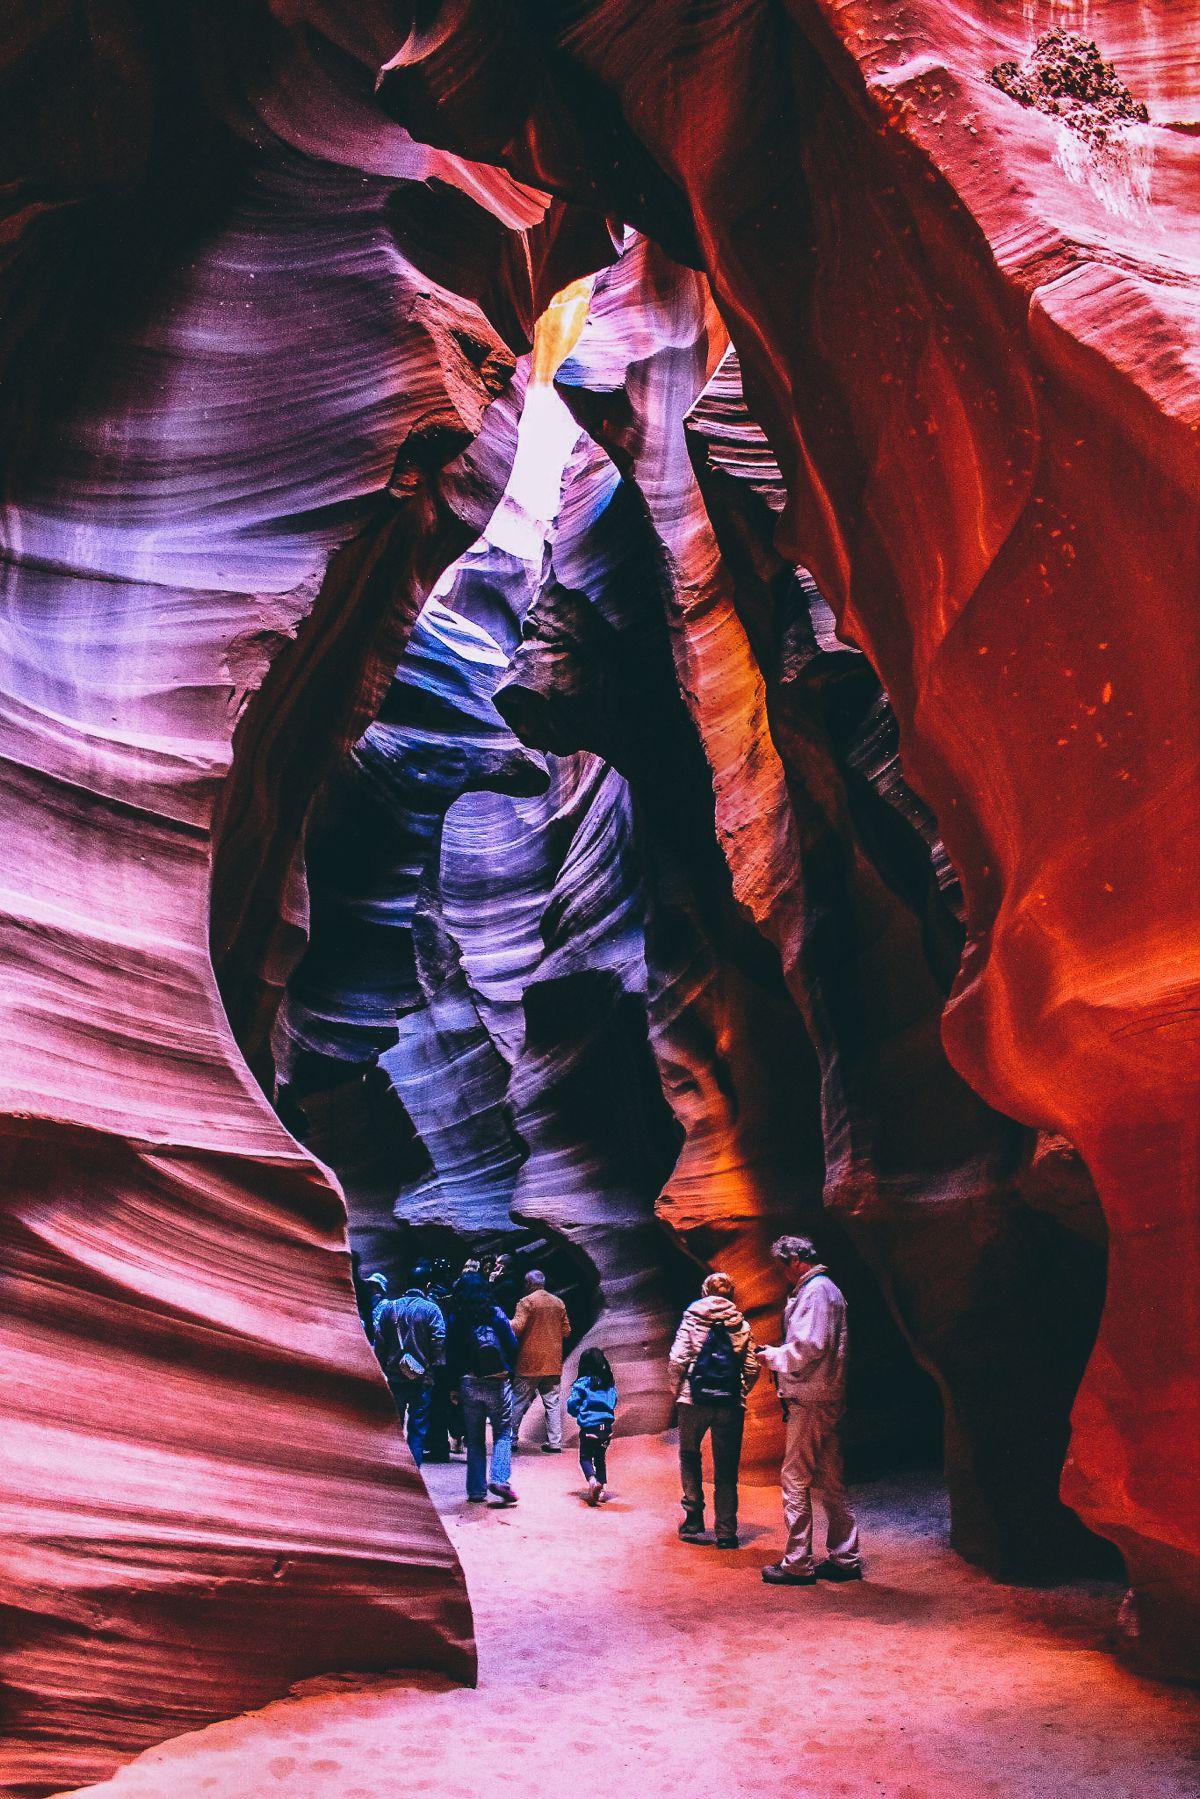 Gallopping through Antelope Canyon in Arizona, USA (5)